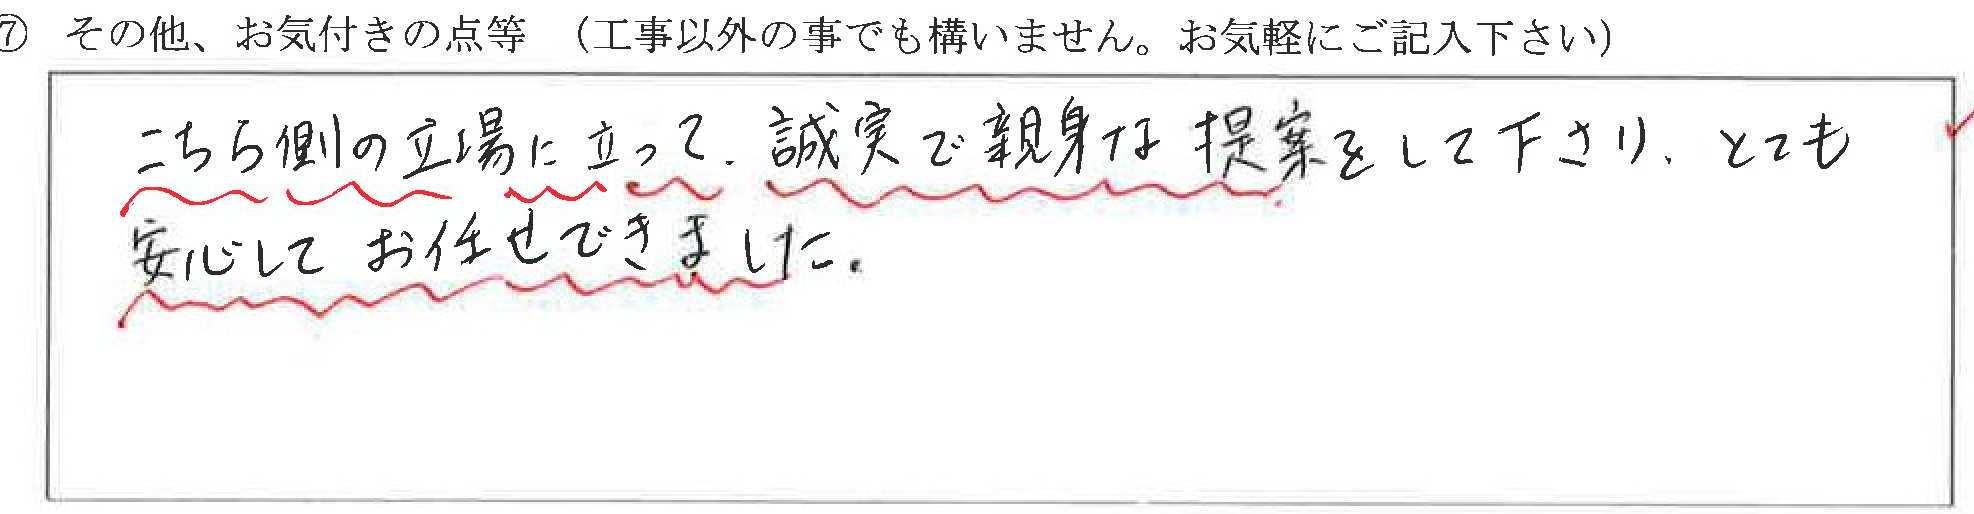 富山県富山市O様に頂いたトイレ入替・水栓メンテナンスについてのお気づきの点がありましたら、お聞かせ下さい。というご質問について「トイレ入替・メンテナンス工事【お喜びの声】」というお声についての画像